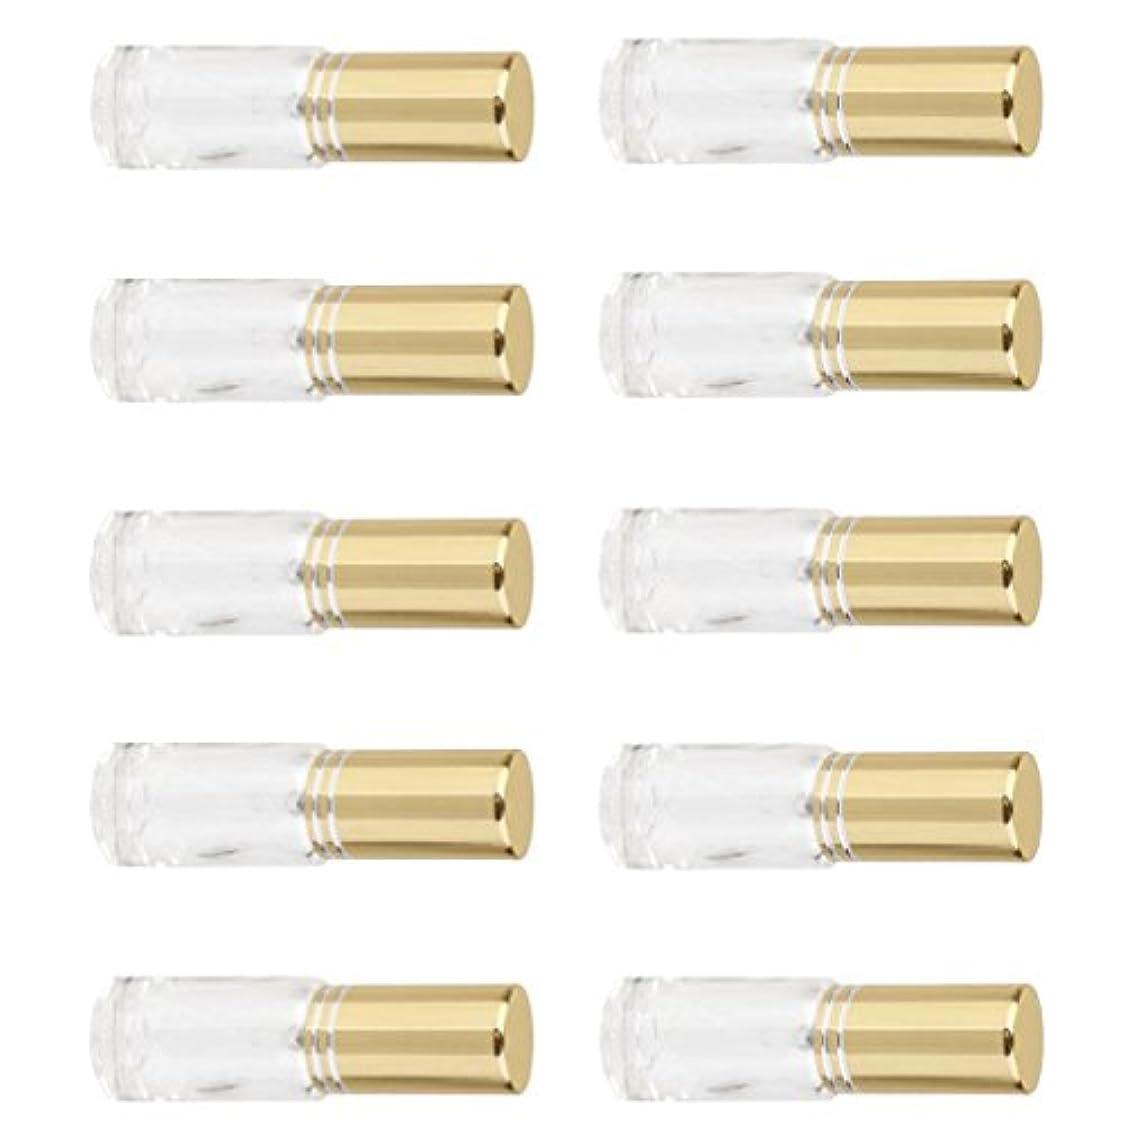 インシデント雪エスニック男女兼用 香水瓶 ミニ ガラス 詰め替え可能 香水 容器 5ml 10個入り